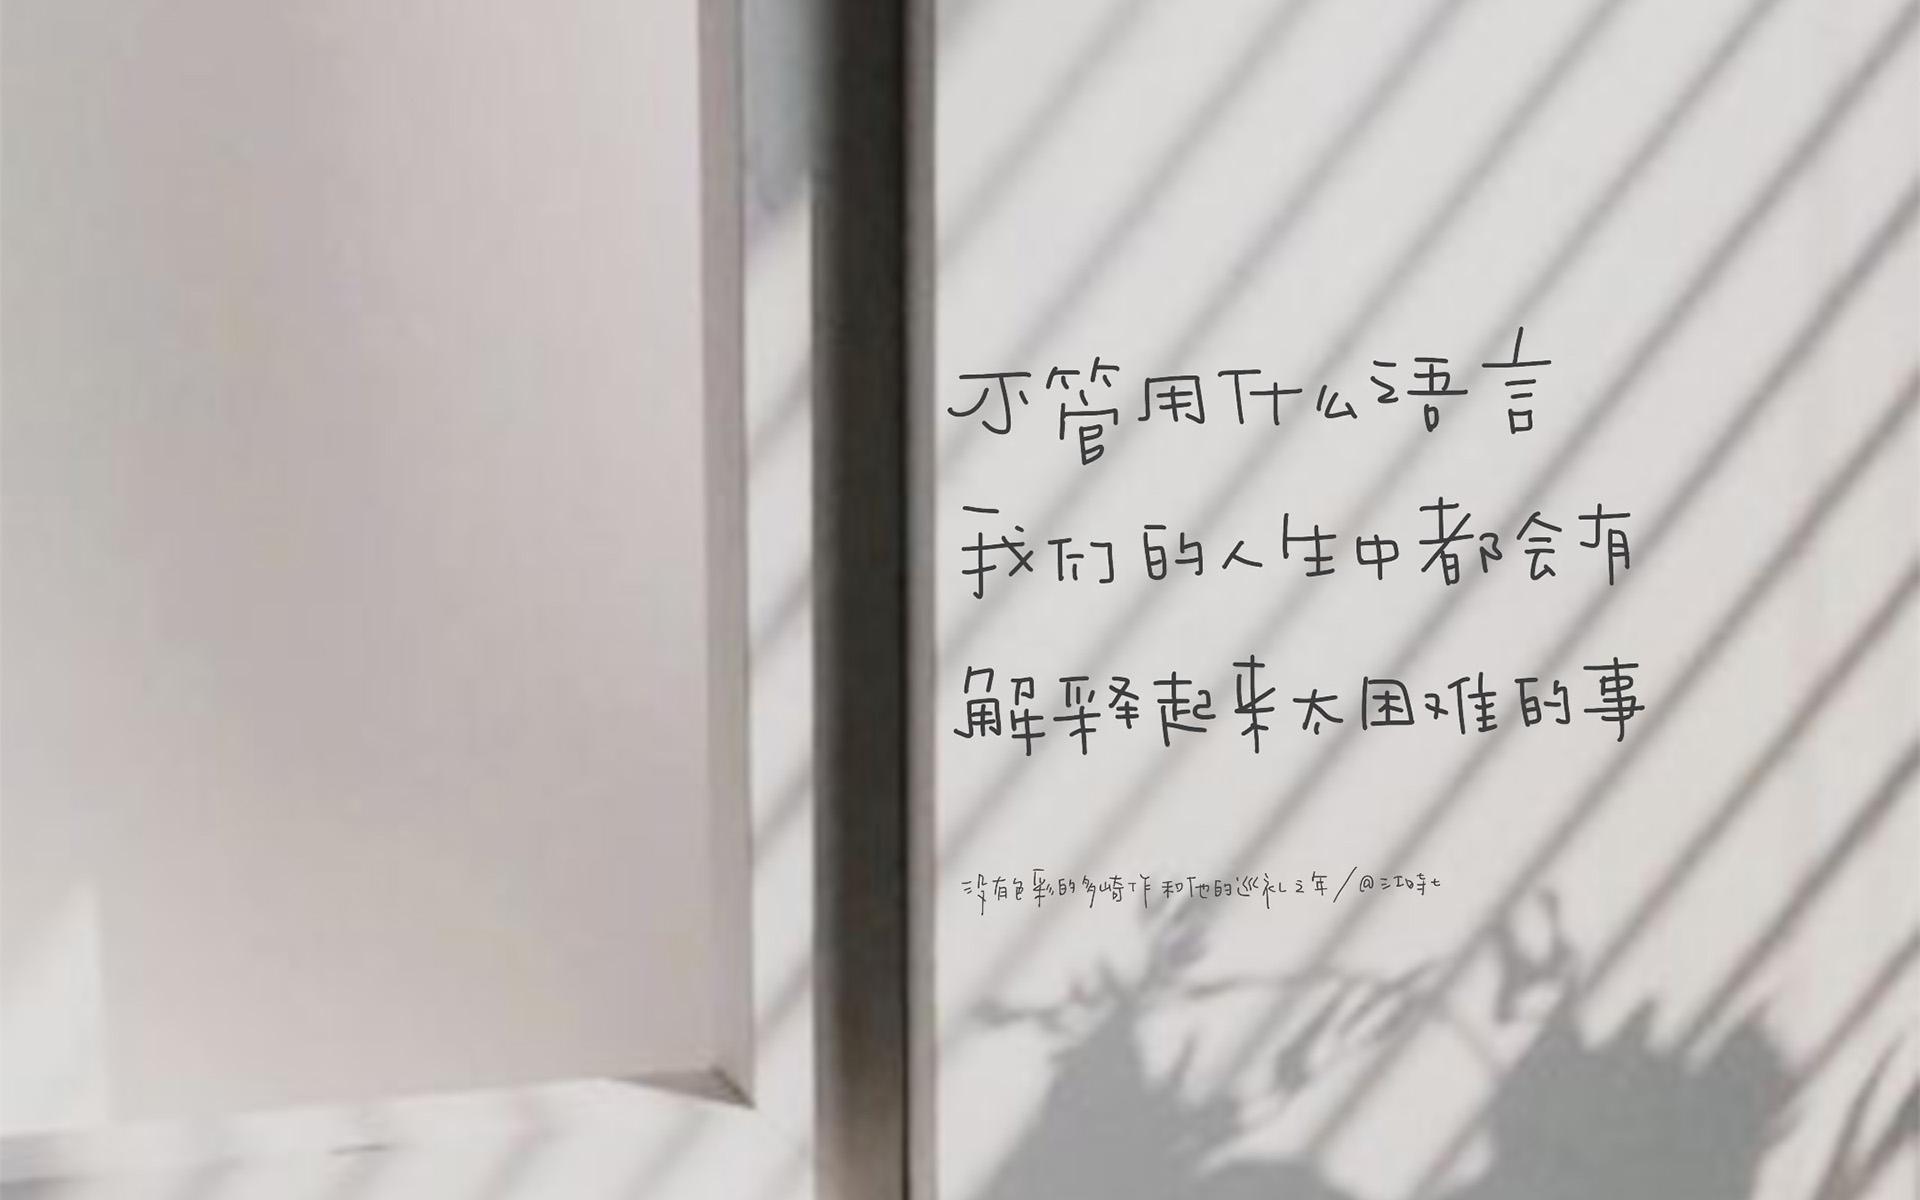 极简文字创意电脑桌面壁纸